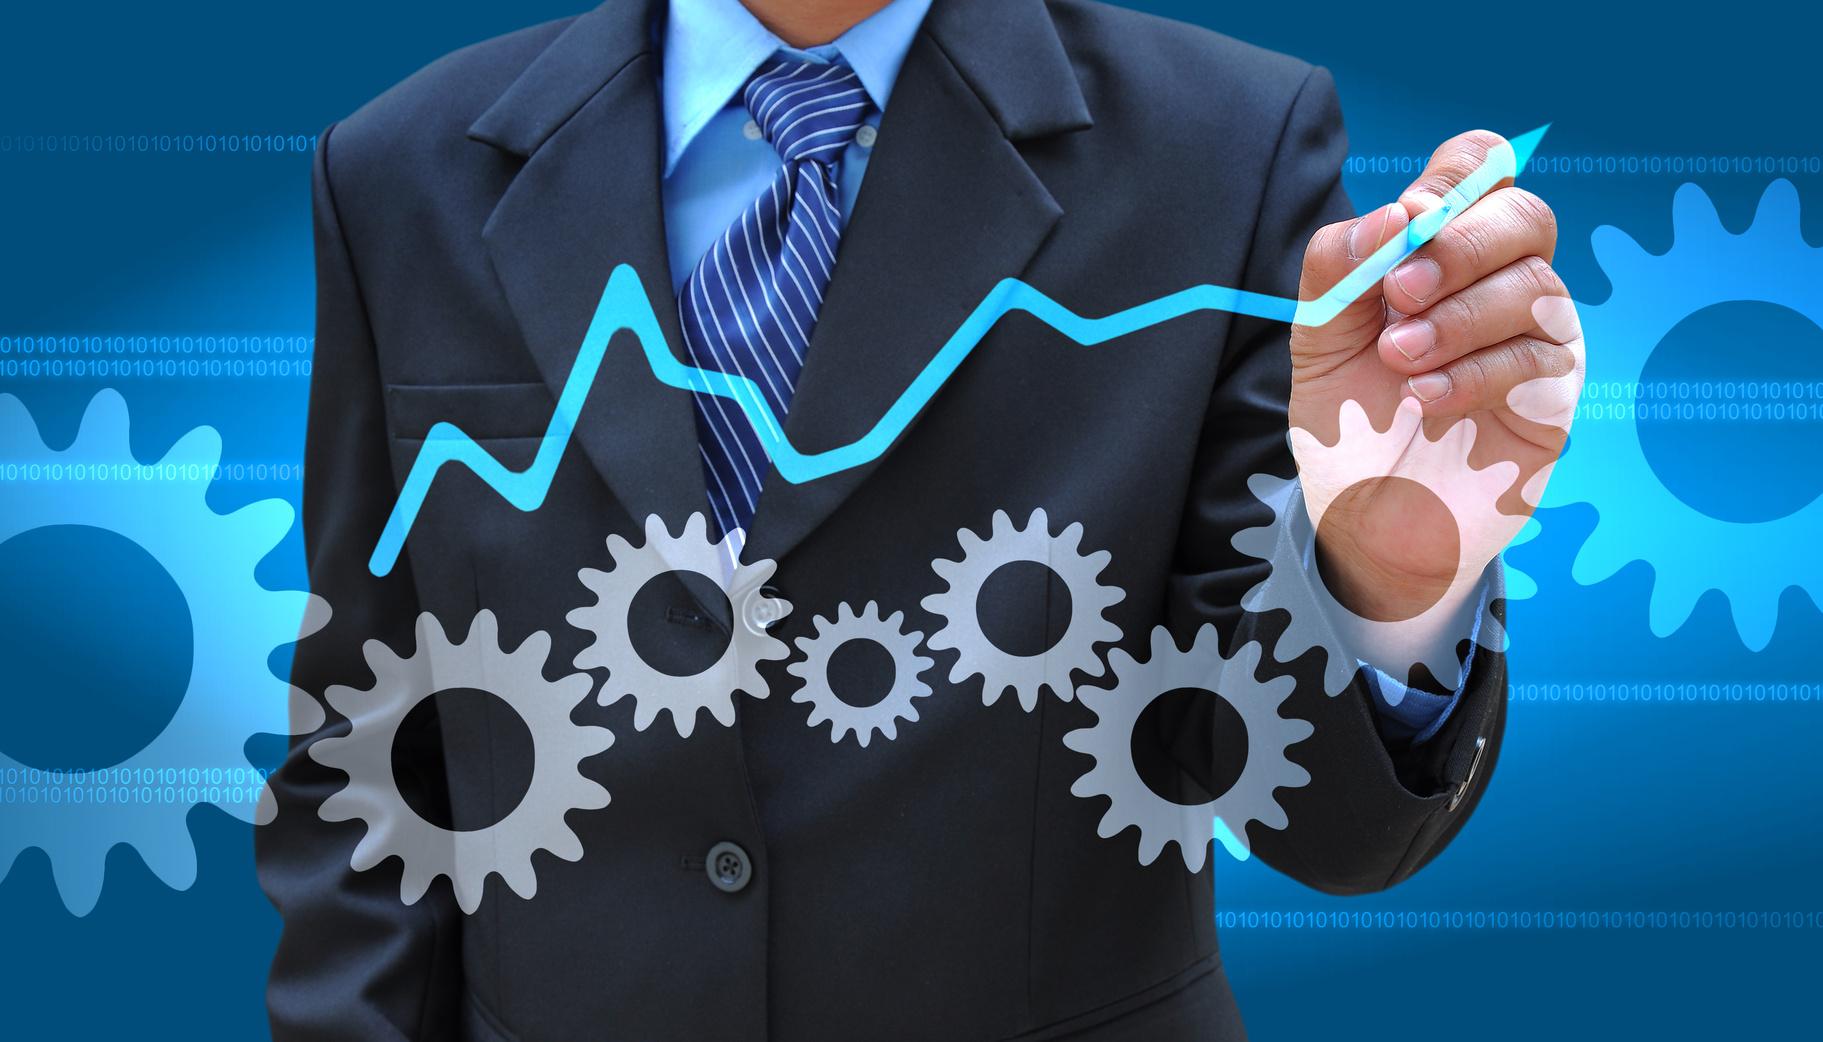 VEM sistemi aderisce a Open Factory